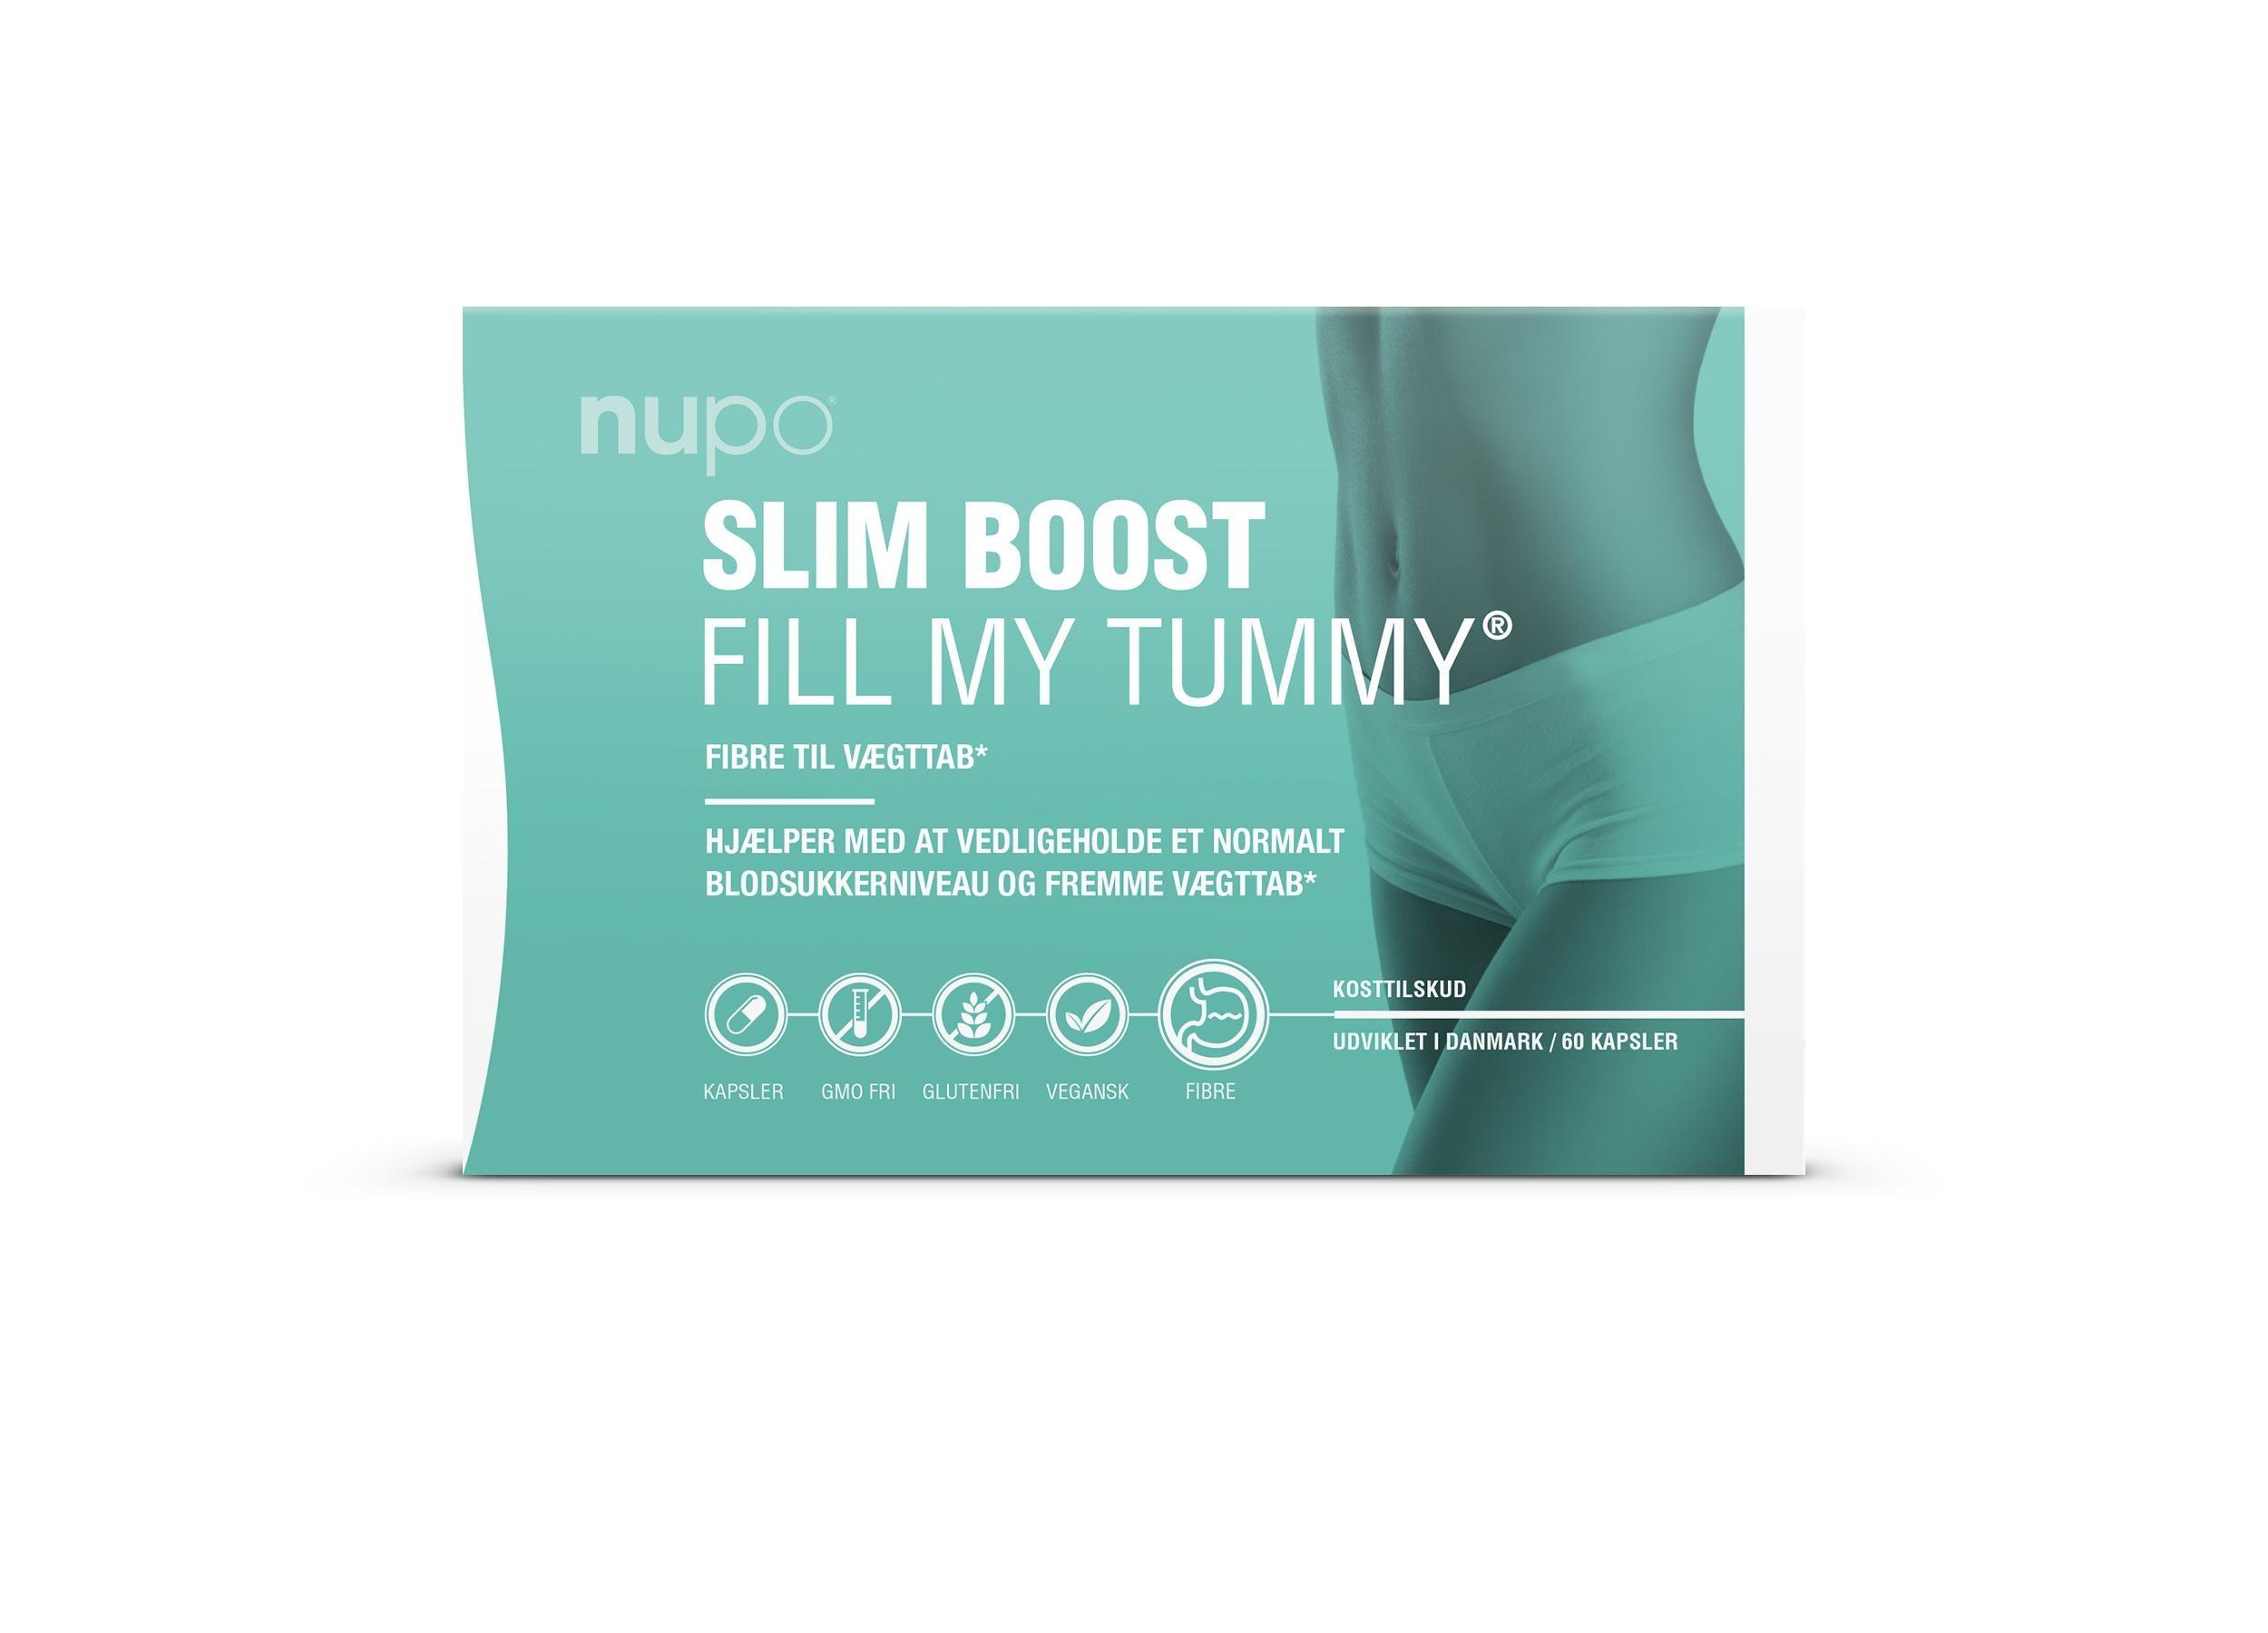 Nupo Slim Boost - Fill My Tummy 60 Caps